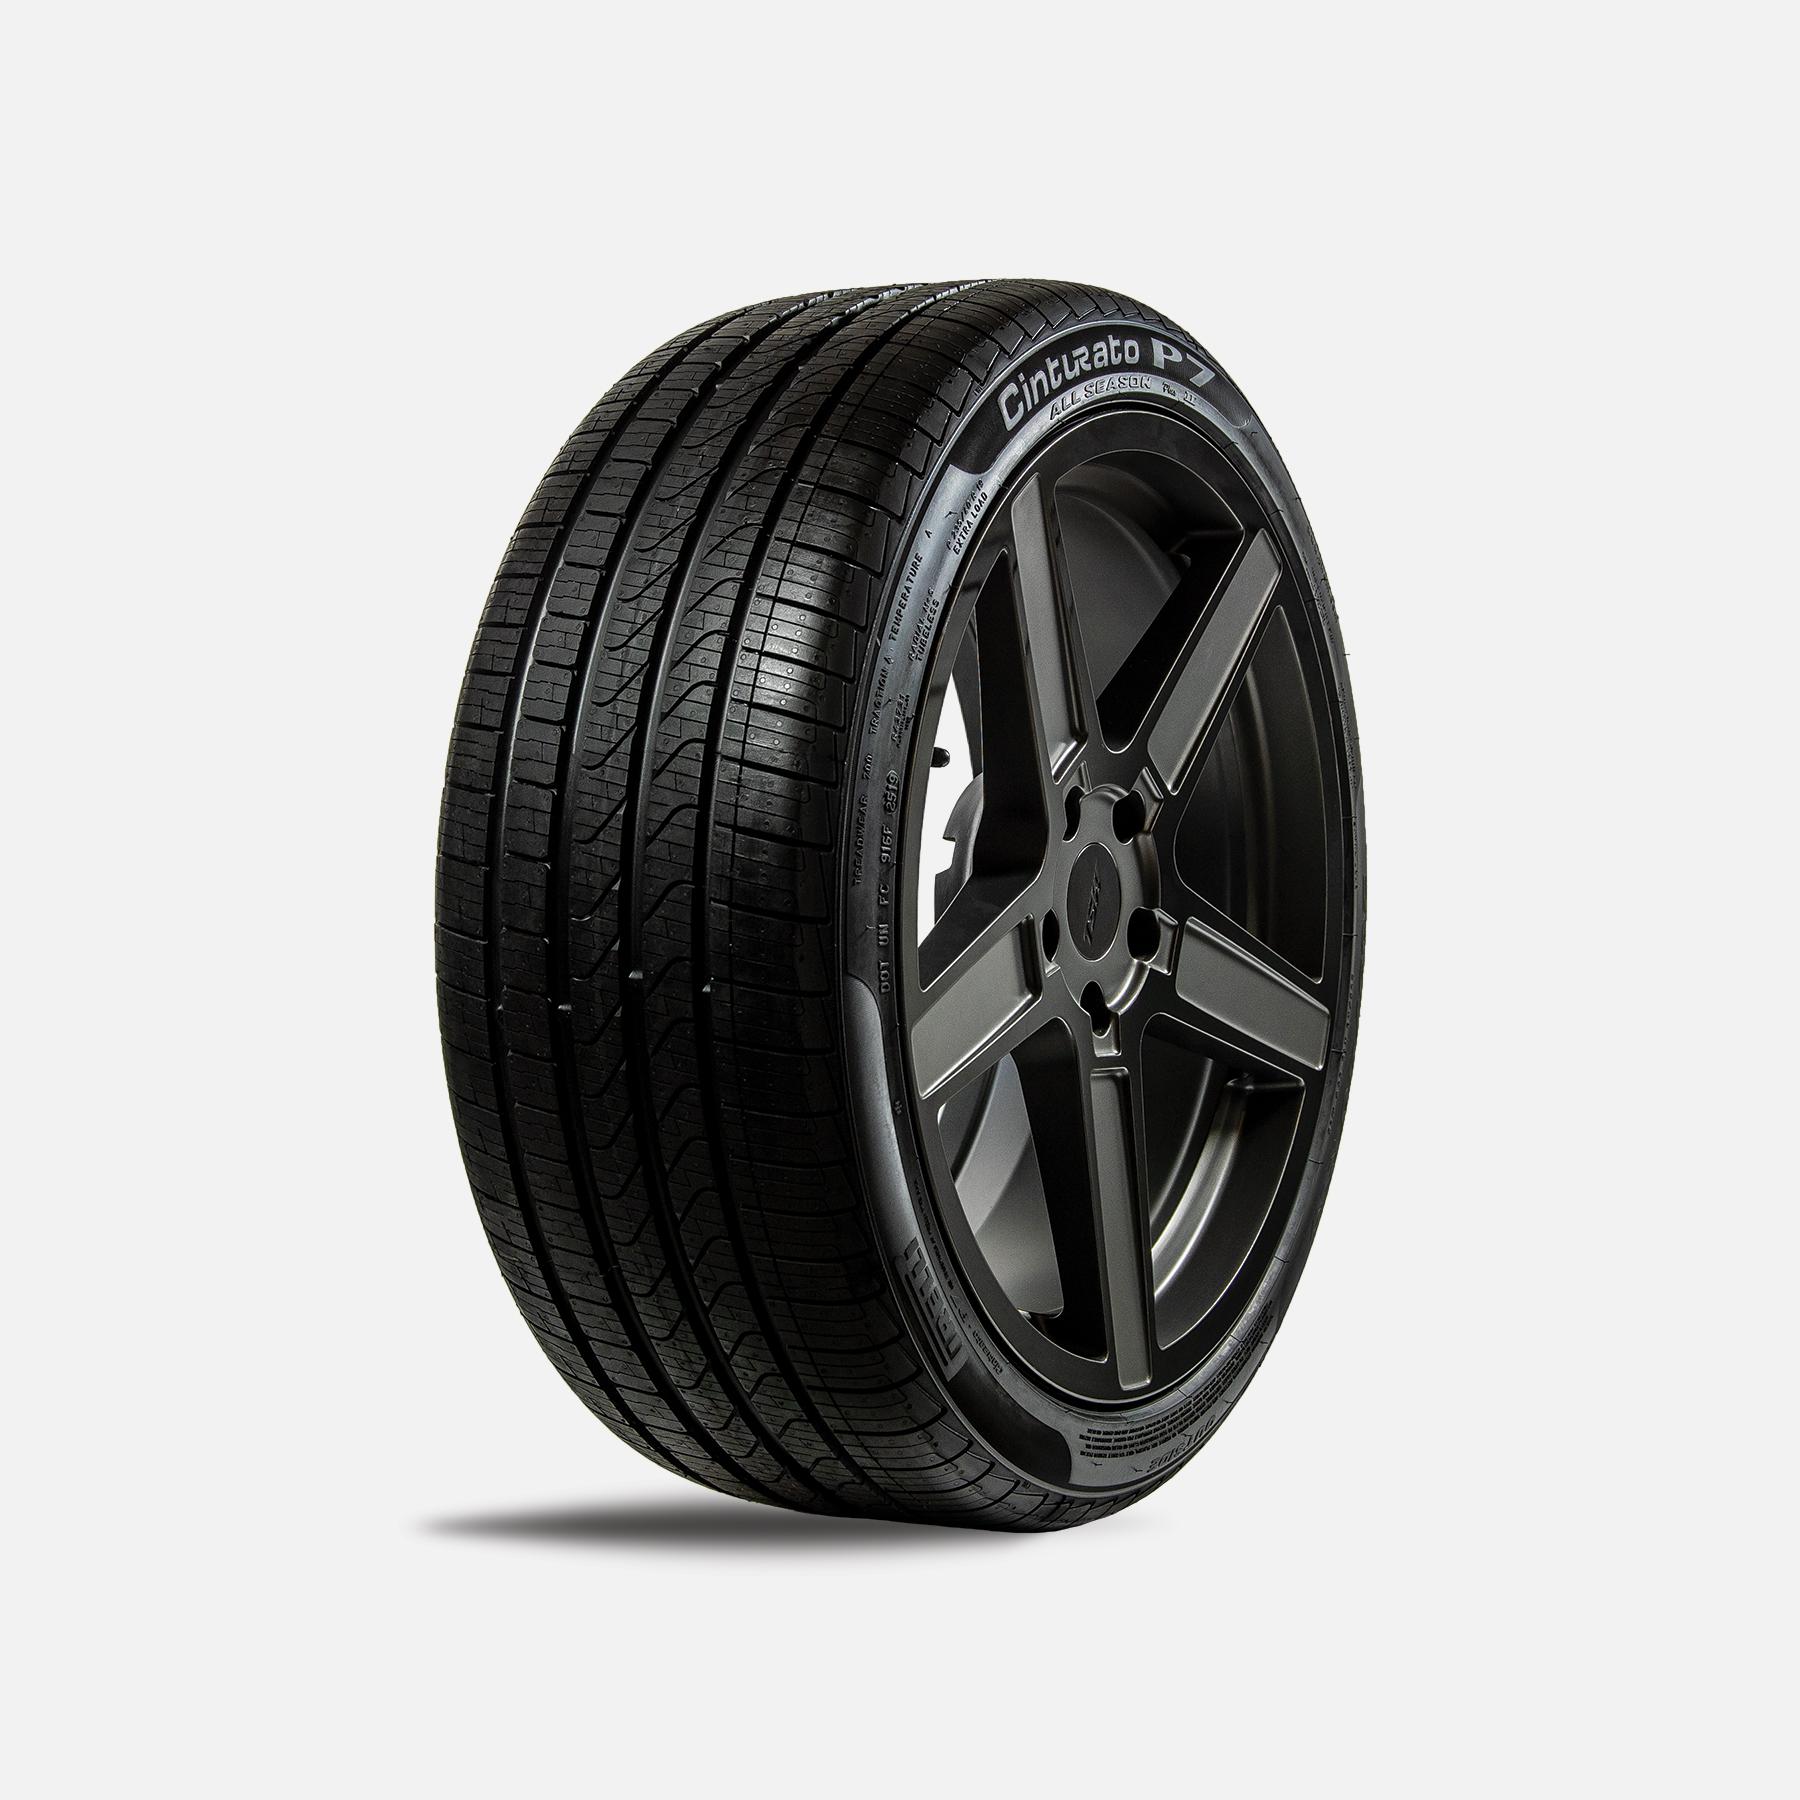 Pirelli Launches Cinturato P7 All Season Plus II